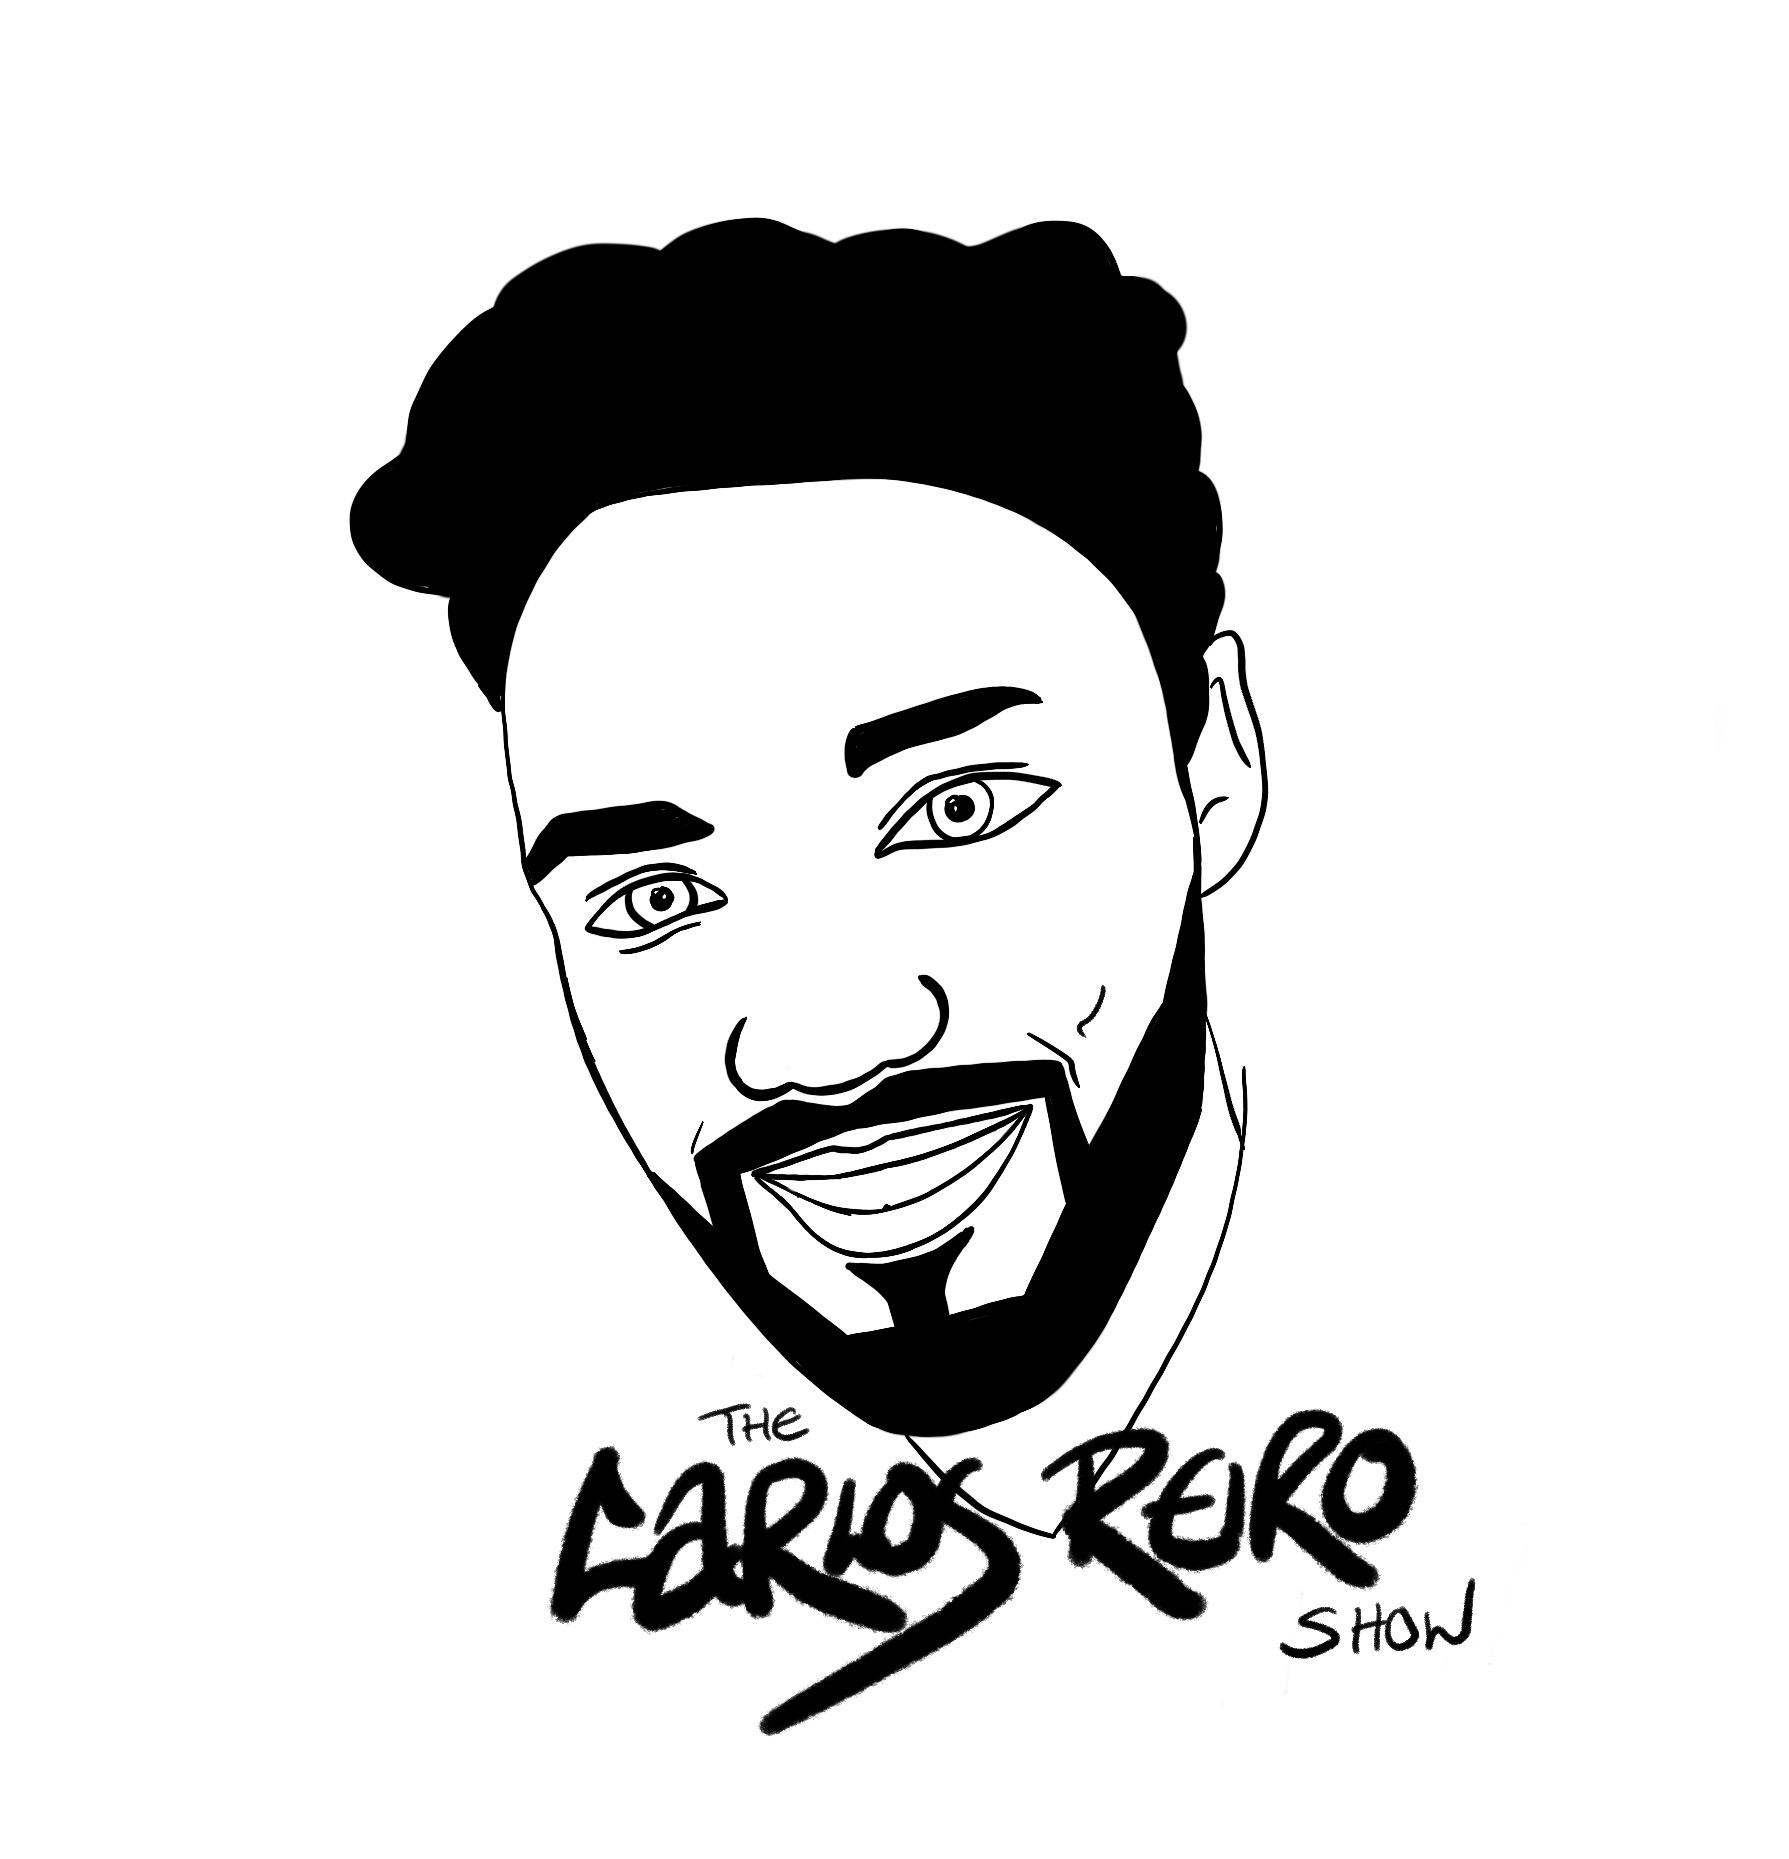 Carlos Reiro